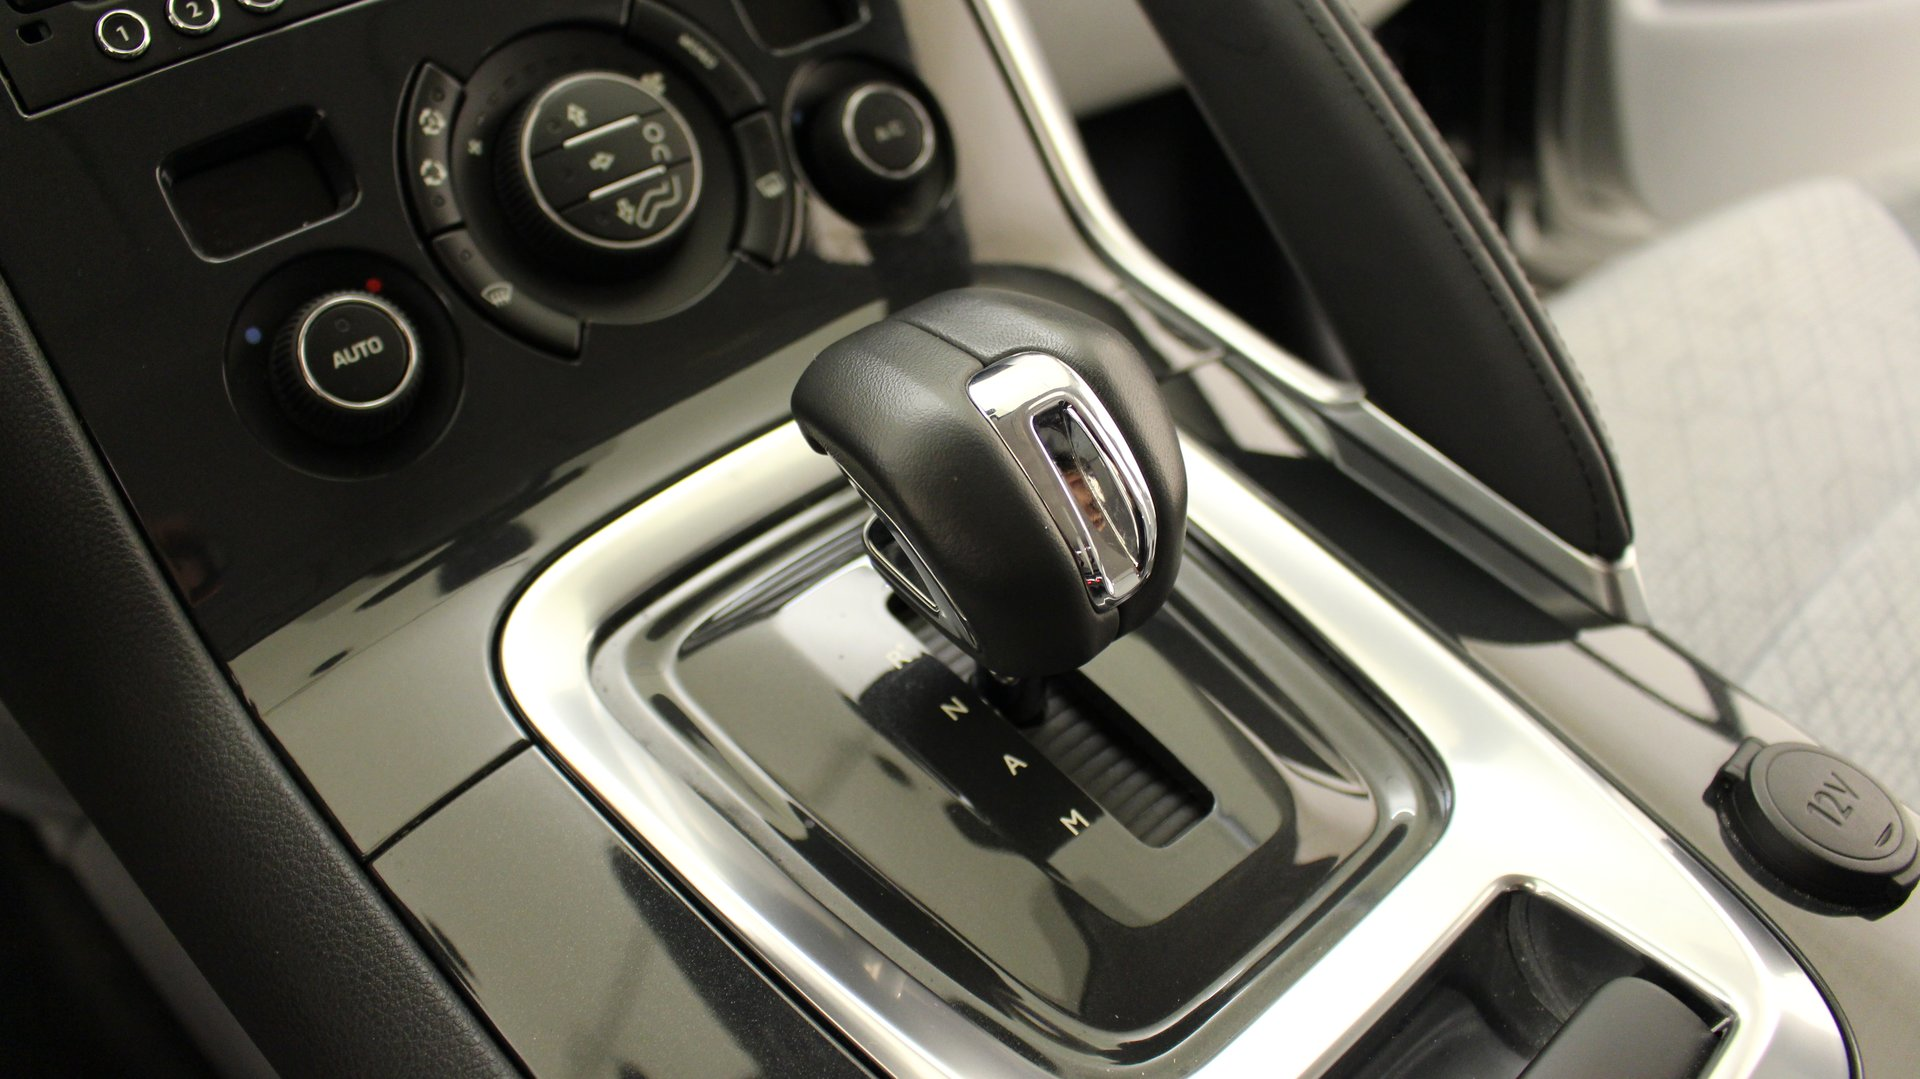 peugeot 3008 nouveau 4x4 et suv 5 portes hybride diesel hybrid4 bo te automatique ou. Black Bedroom Furniture Sets. Home Design Ideas